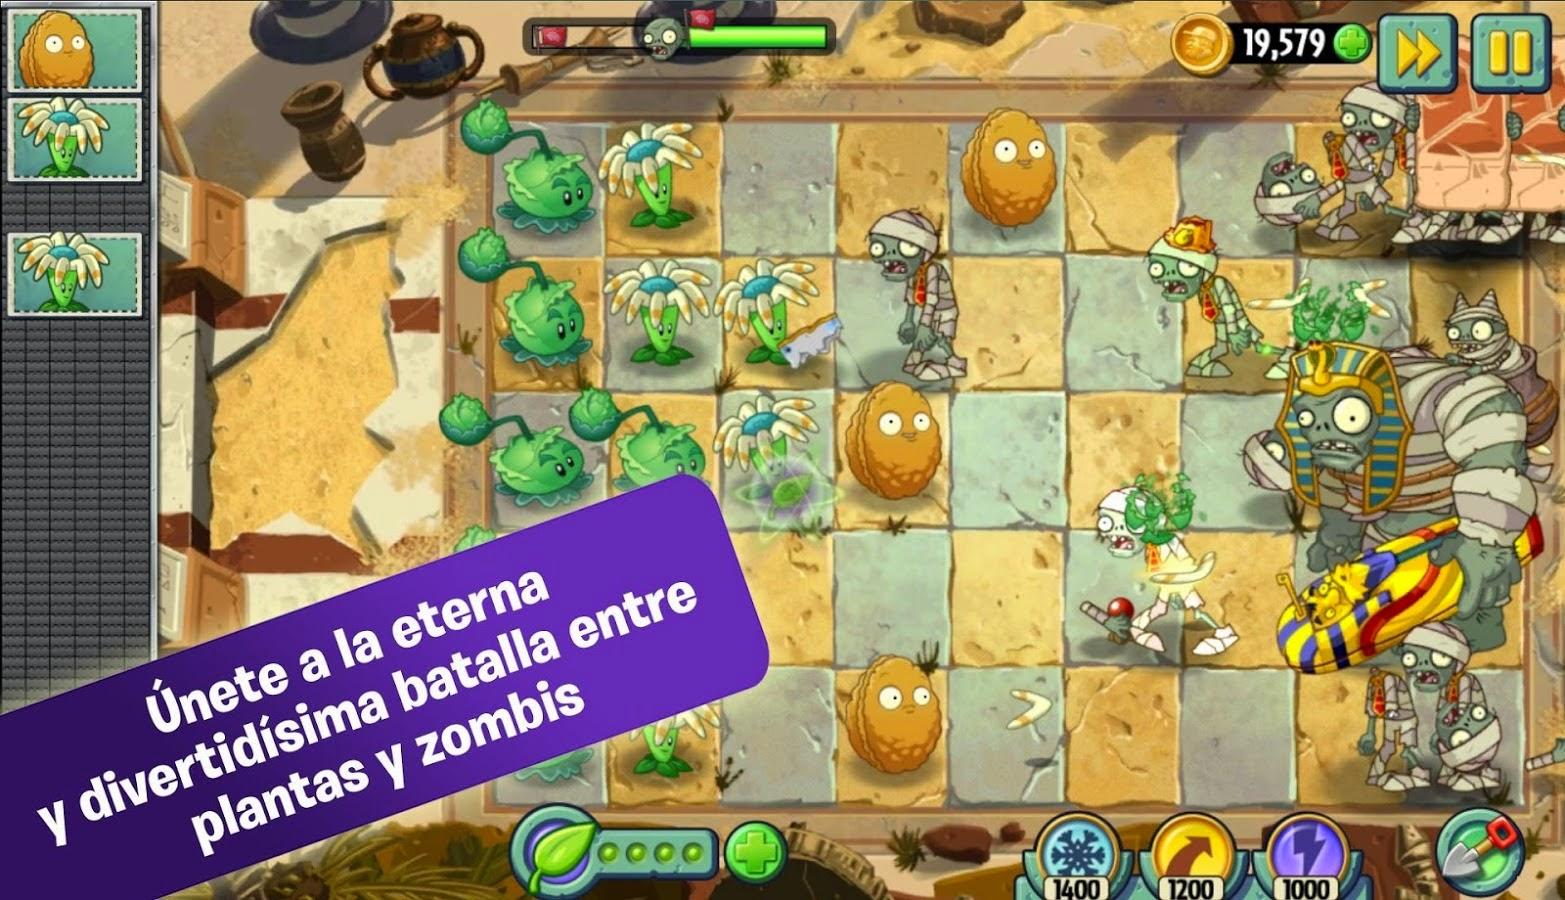 descargar plantas vs zombies 2 para android gratis en espanol completo